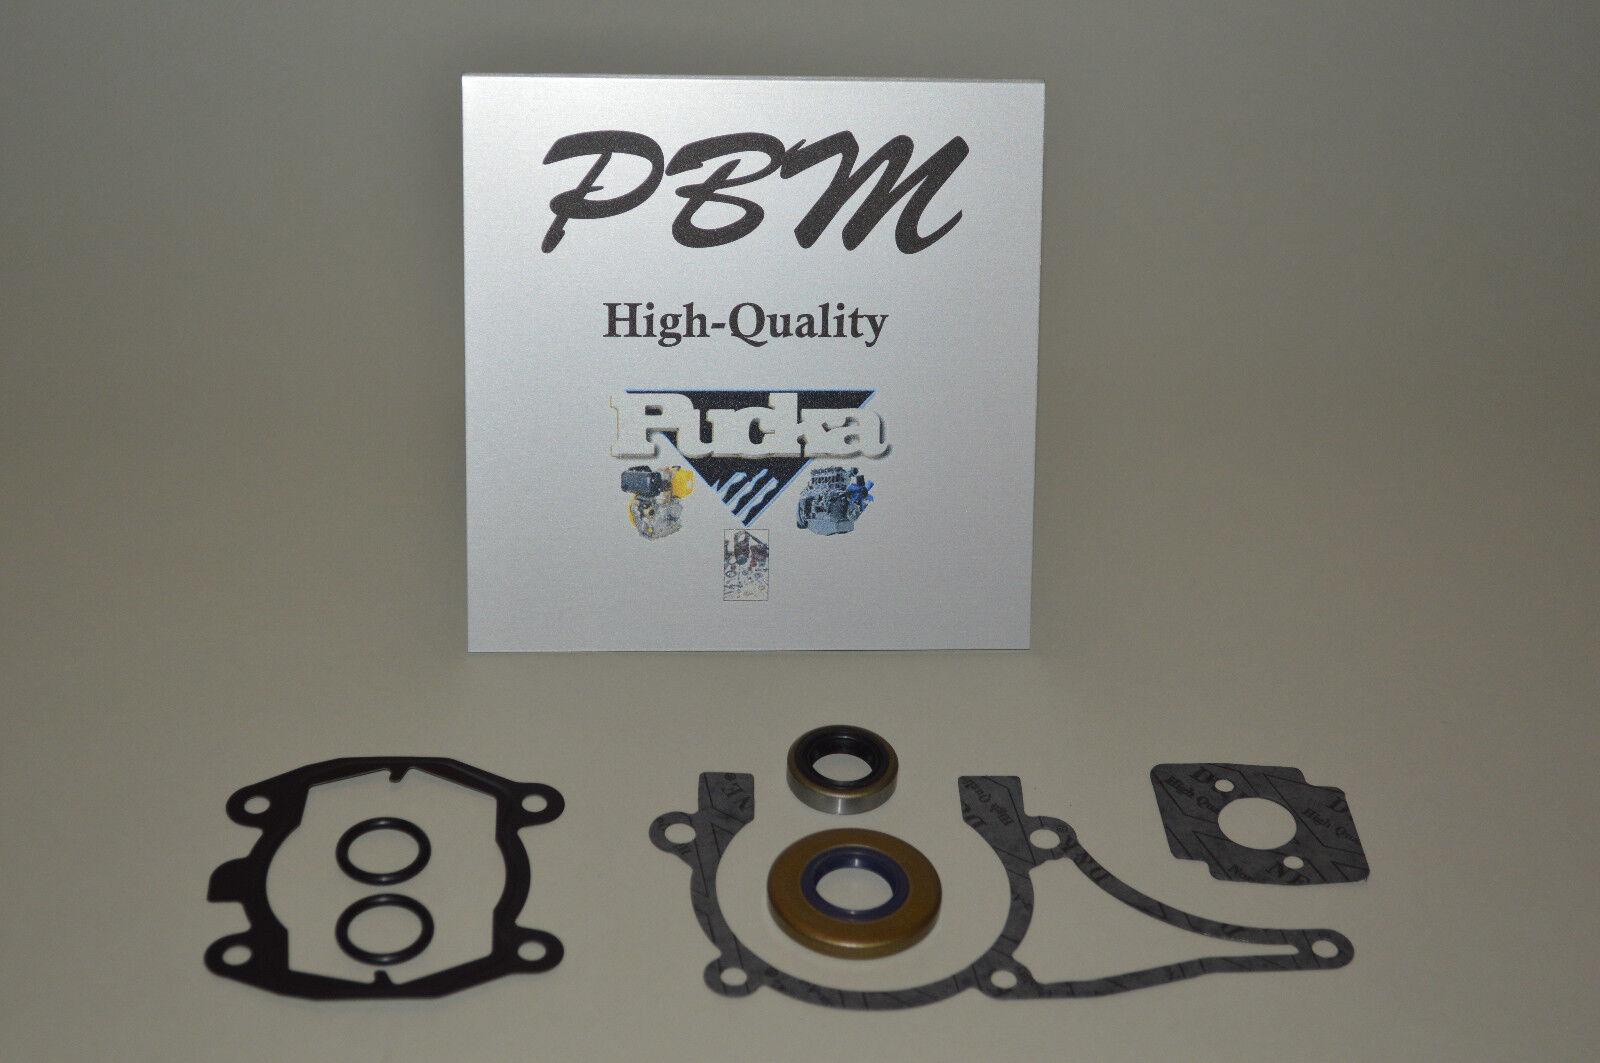 PBM Zylinder Kurbelwelle passend Stihl TS700 TS800  TS 700 TS 800 High Quality